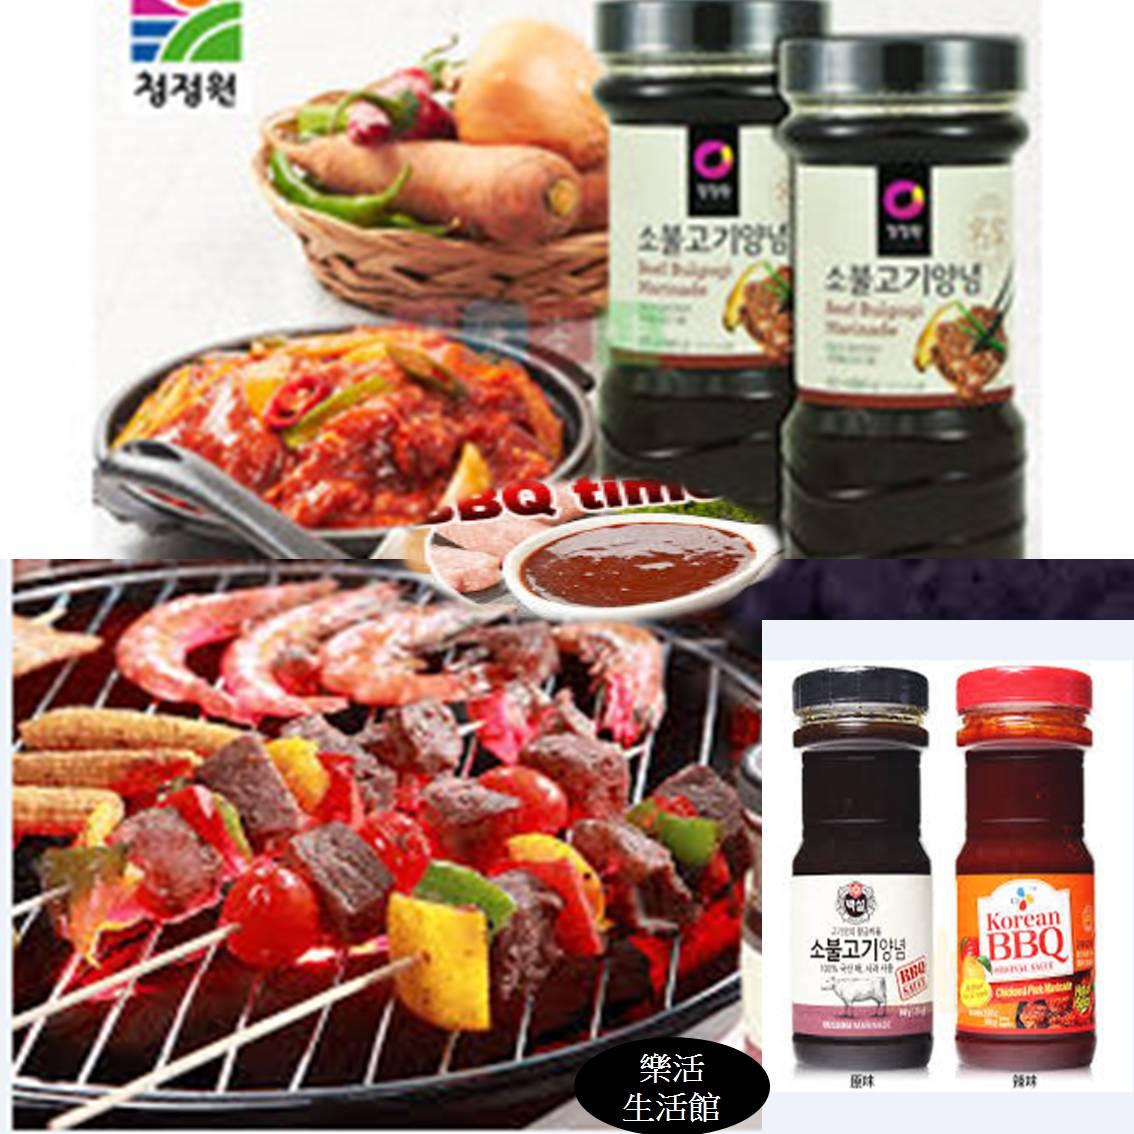 韓式頂級水梨蘋果燒醃烤醬 烤肉醬 燒肉醬 - 原味/辣味 * 1 罐 (CJ&韓式大象兩品牌隨機出貨) 【樂活生活館】